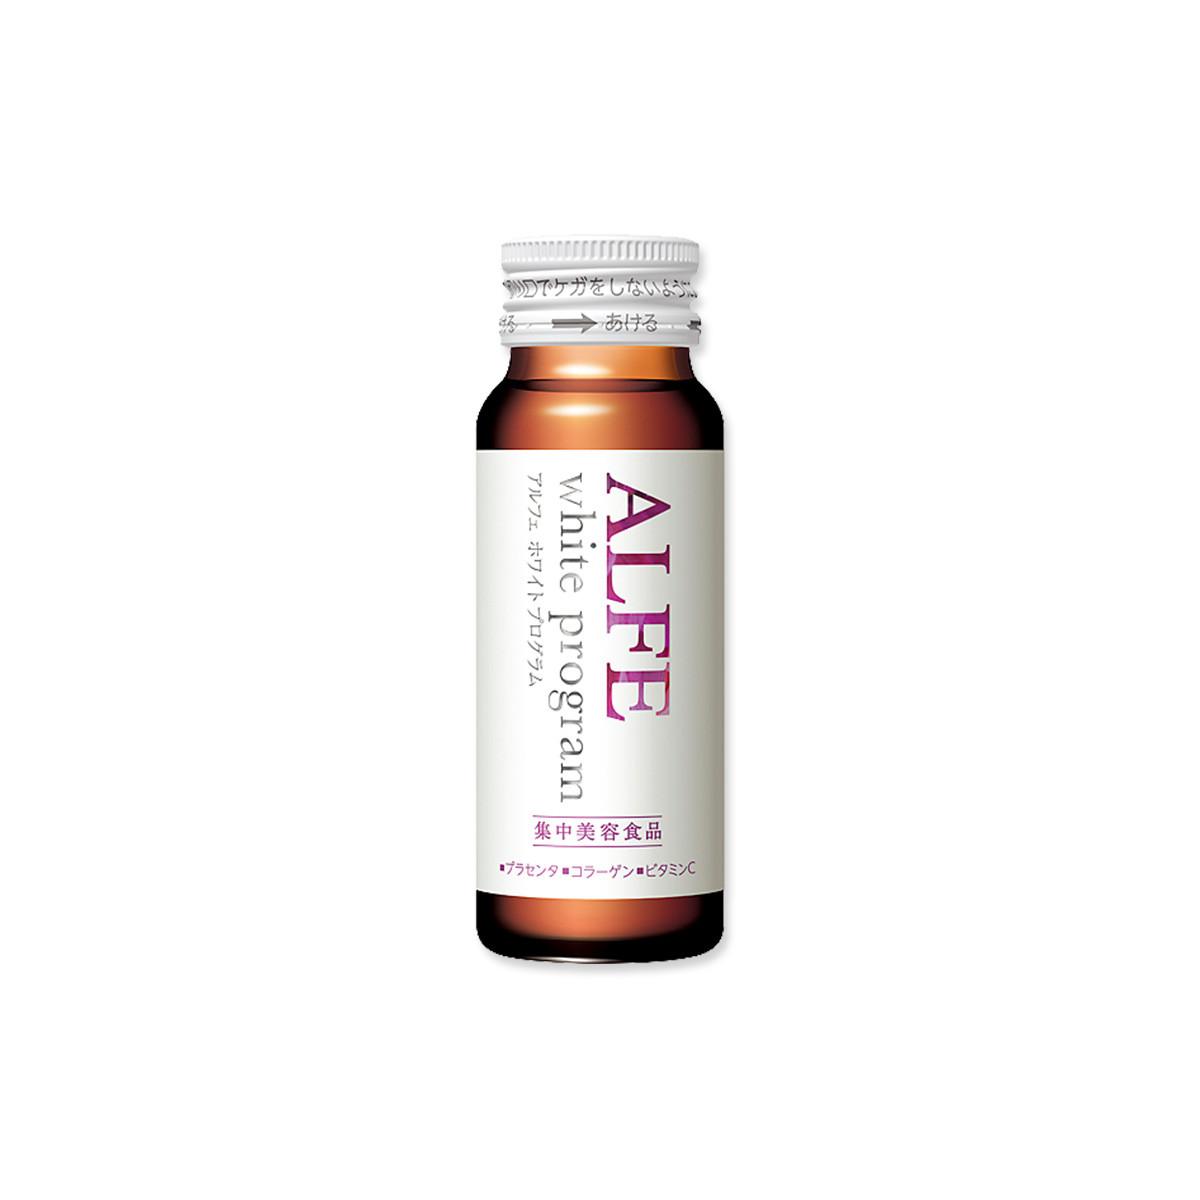 ALFE/アルフェ  8種類の美容成分をギュッと濃縮! 透明感と潤いのための美容ドリンク